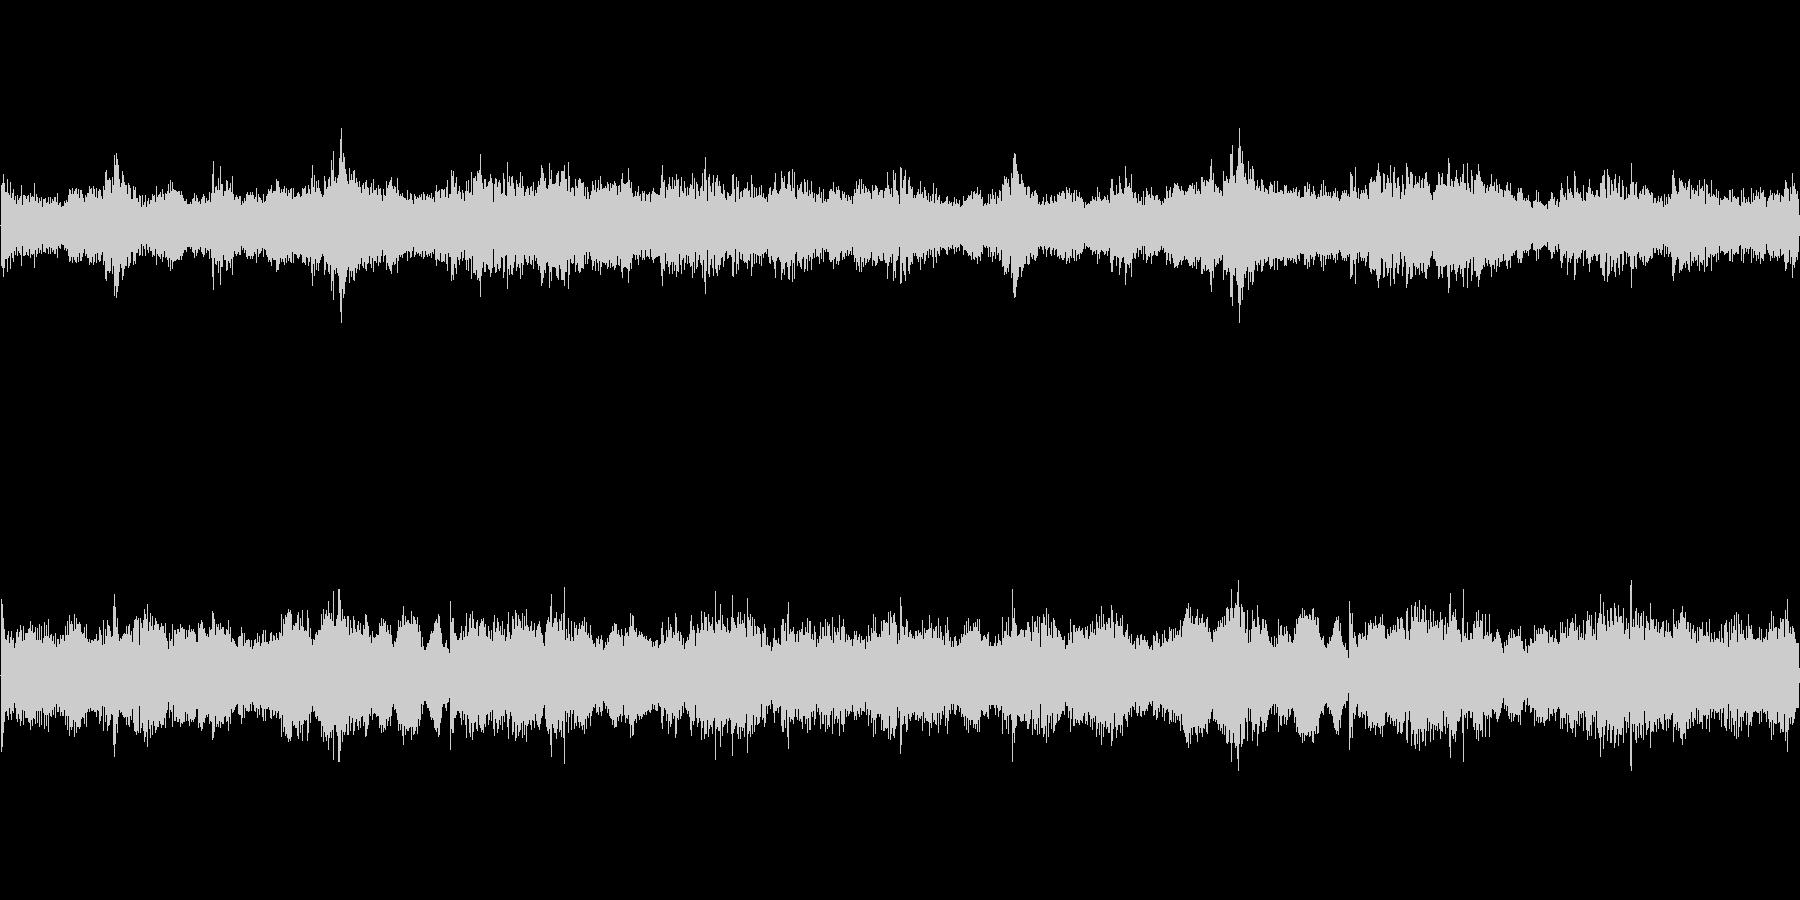 ダークファンタジーなループBGMの未再生の波形